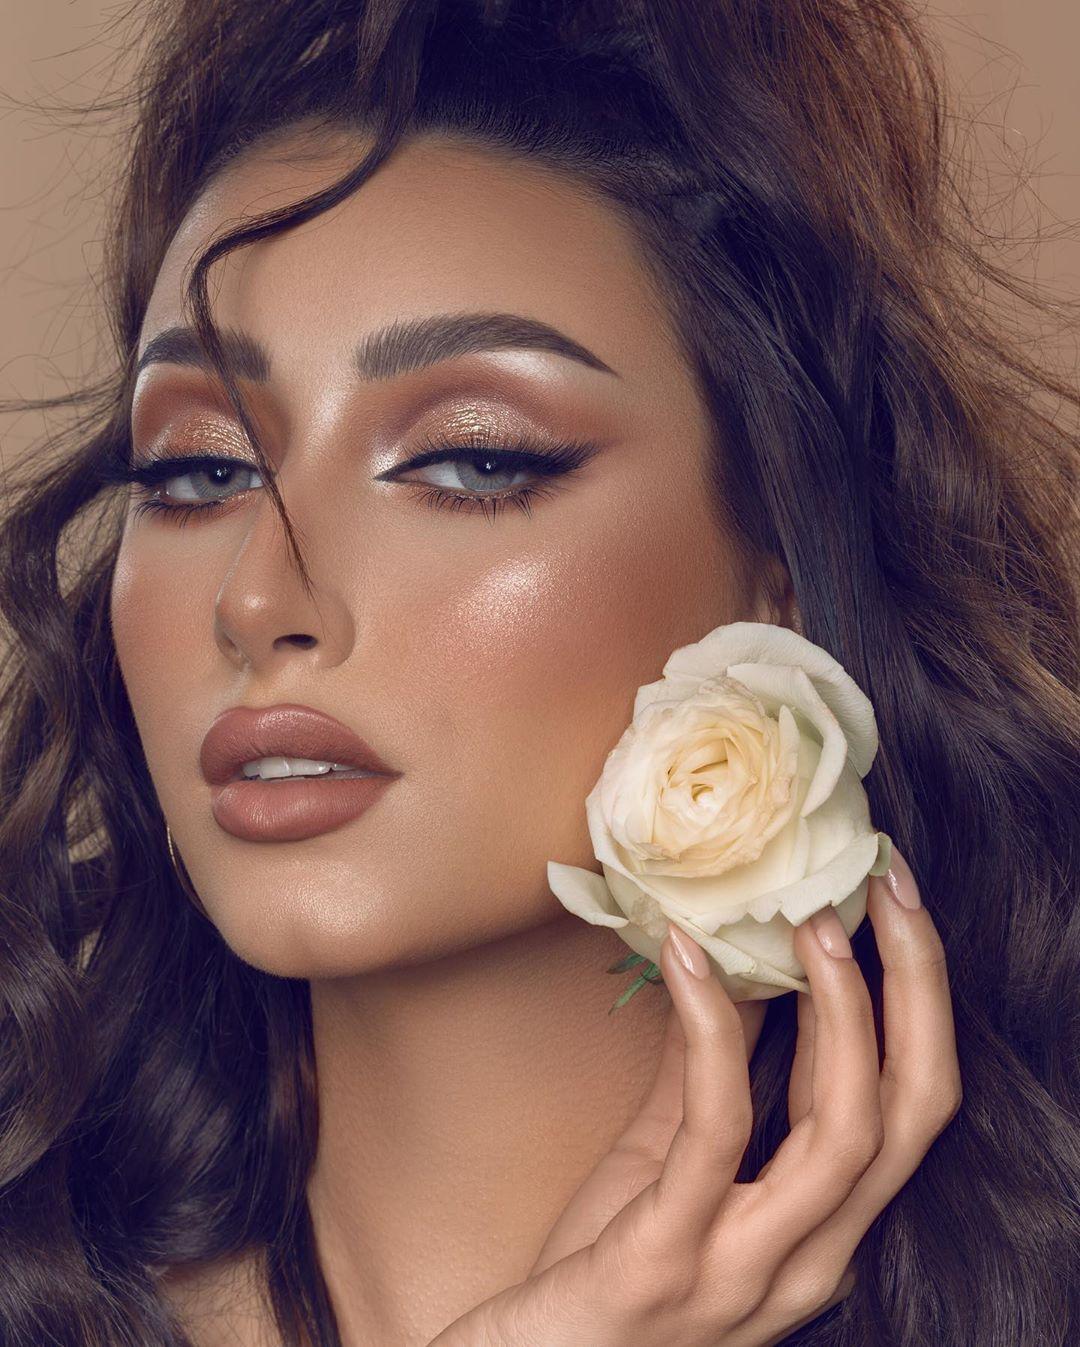 تصويري photo session for the team of @alafra_salon  Makeup @sawsanaloraibi_makeup  Hair @alafra_salon .  #photography #photographer #retouching #retoucher #photoshop #sony #sonyalpha #bahrain #saudia #dubia #riyadh #jeddah #beauty #beautyphotography #beautyphotographer #portrait #portraitphotography #makeupphoto #photooftheday📷 #makeup #hairstyles